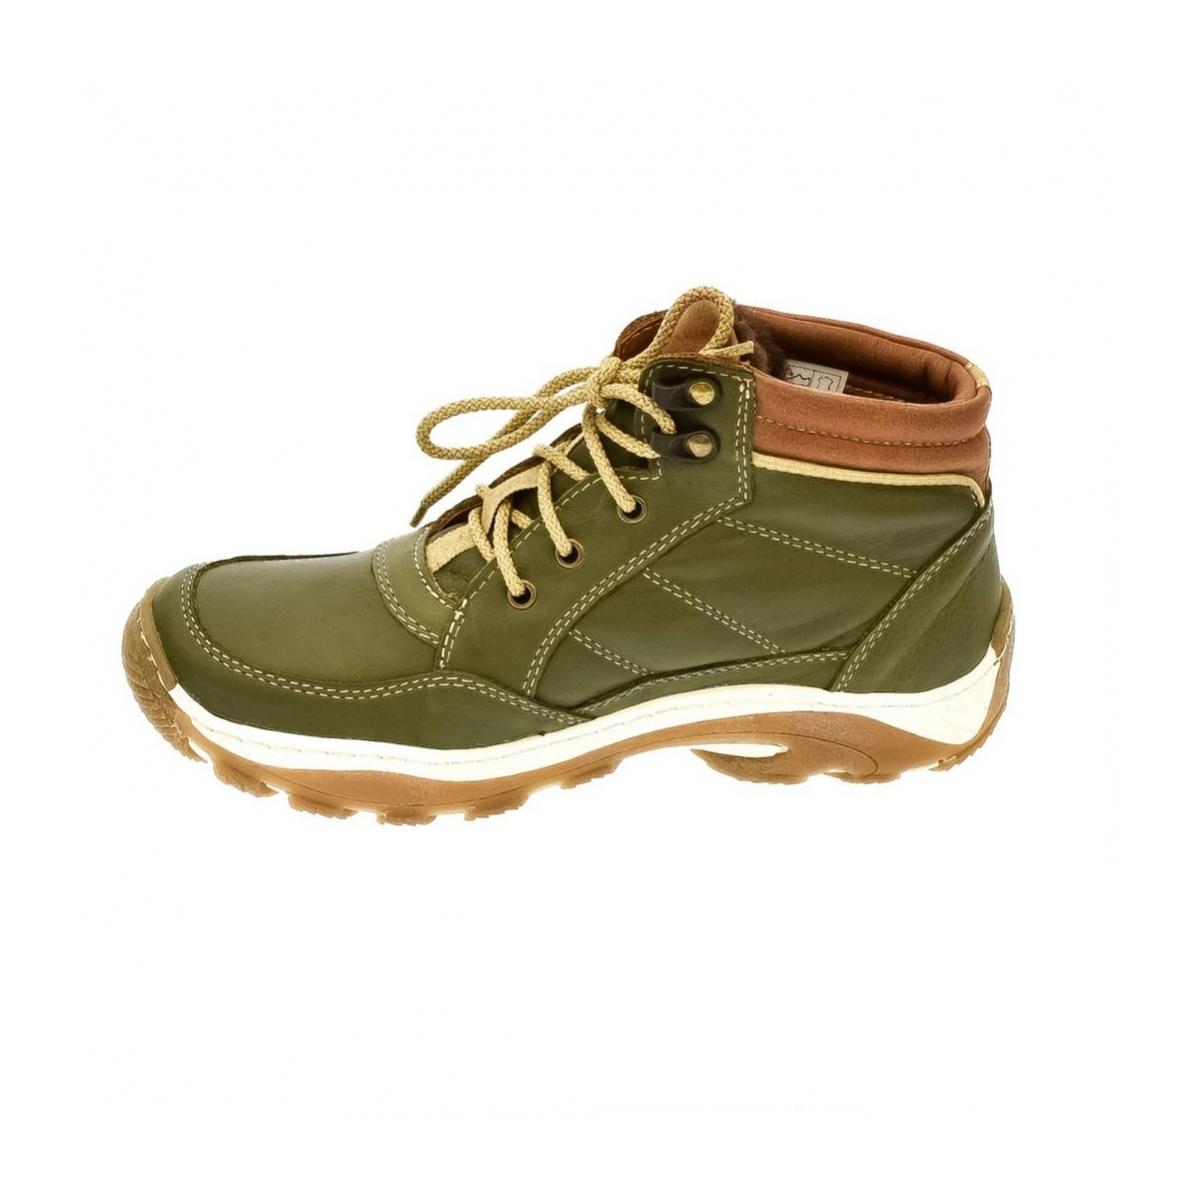 Dámske zelené kožené topánky CANA - 5 b14e49a5f1d